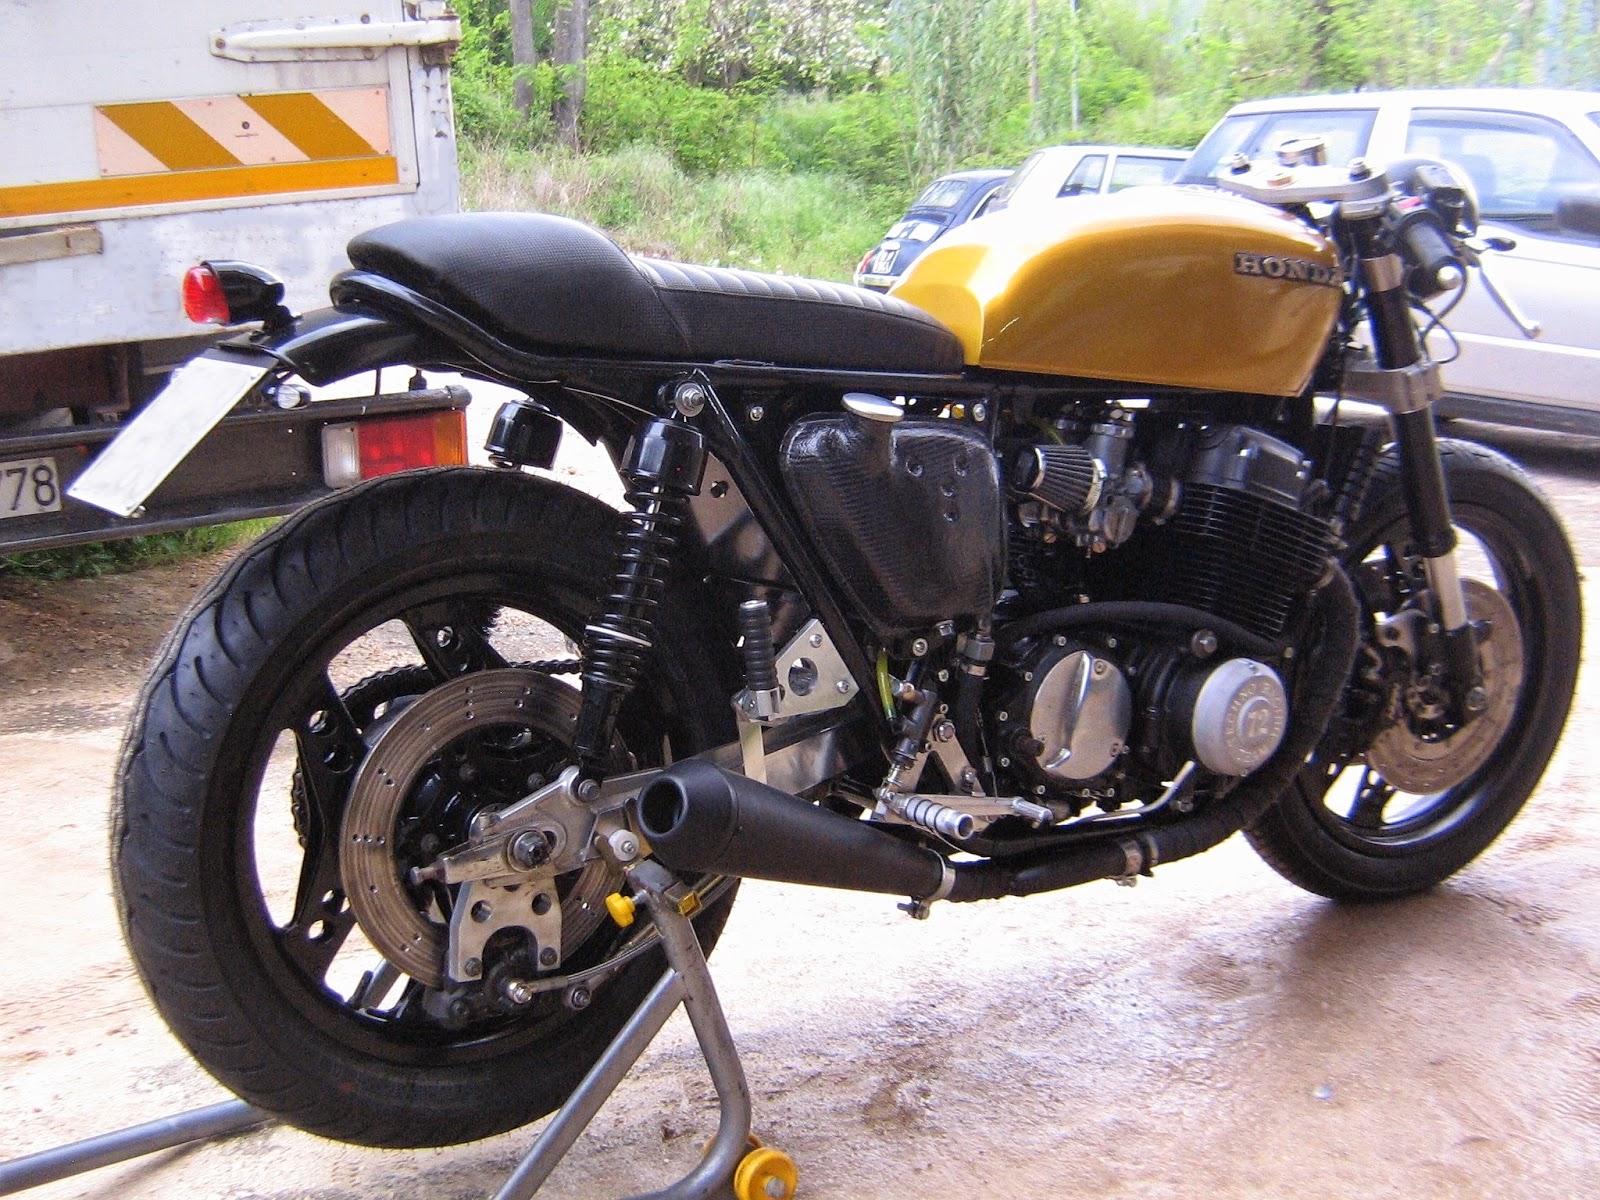 caf sport motorcycles honda cb 750 four caf racer by. Black Bedroom Furniture Sets. Home Design Ideas